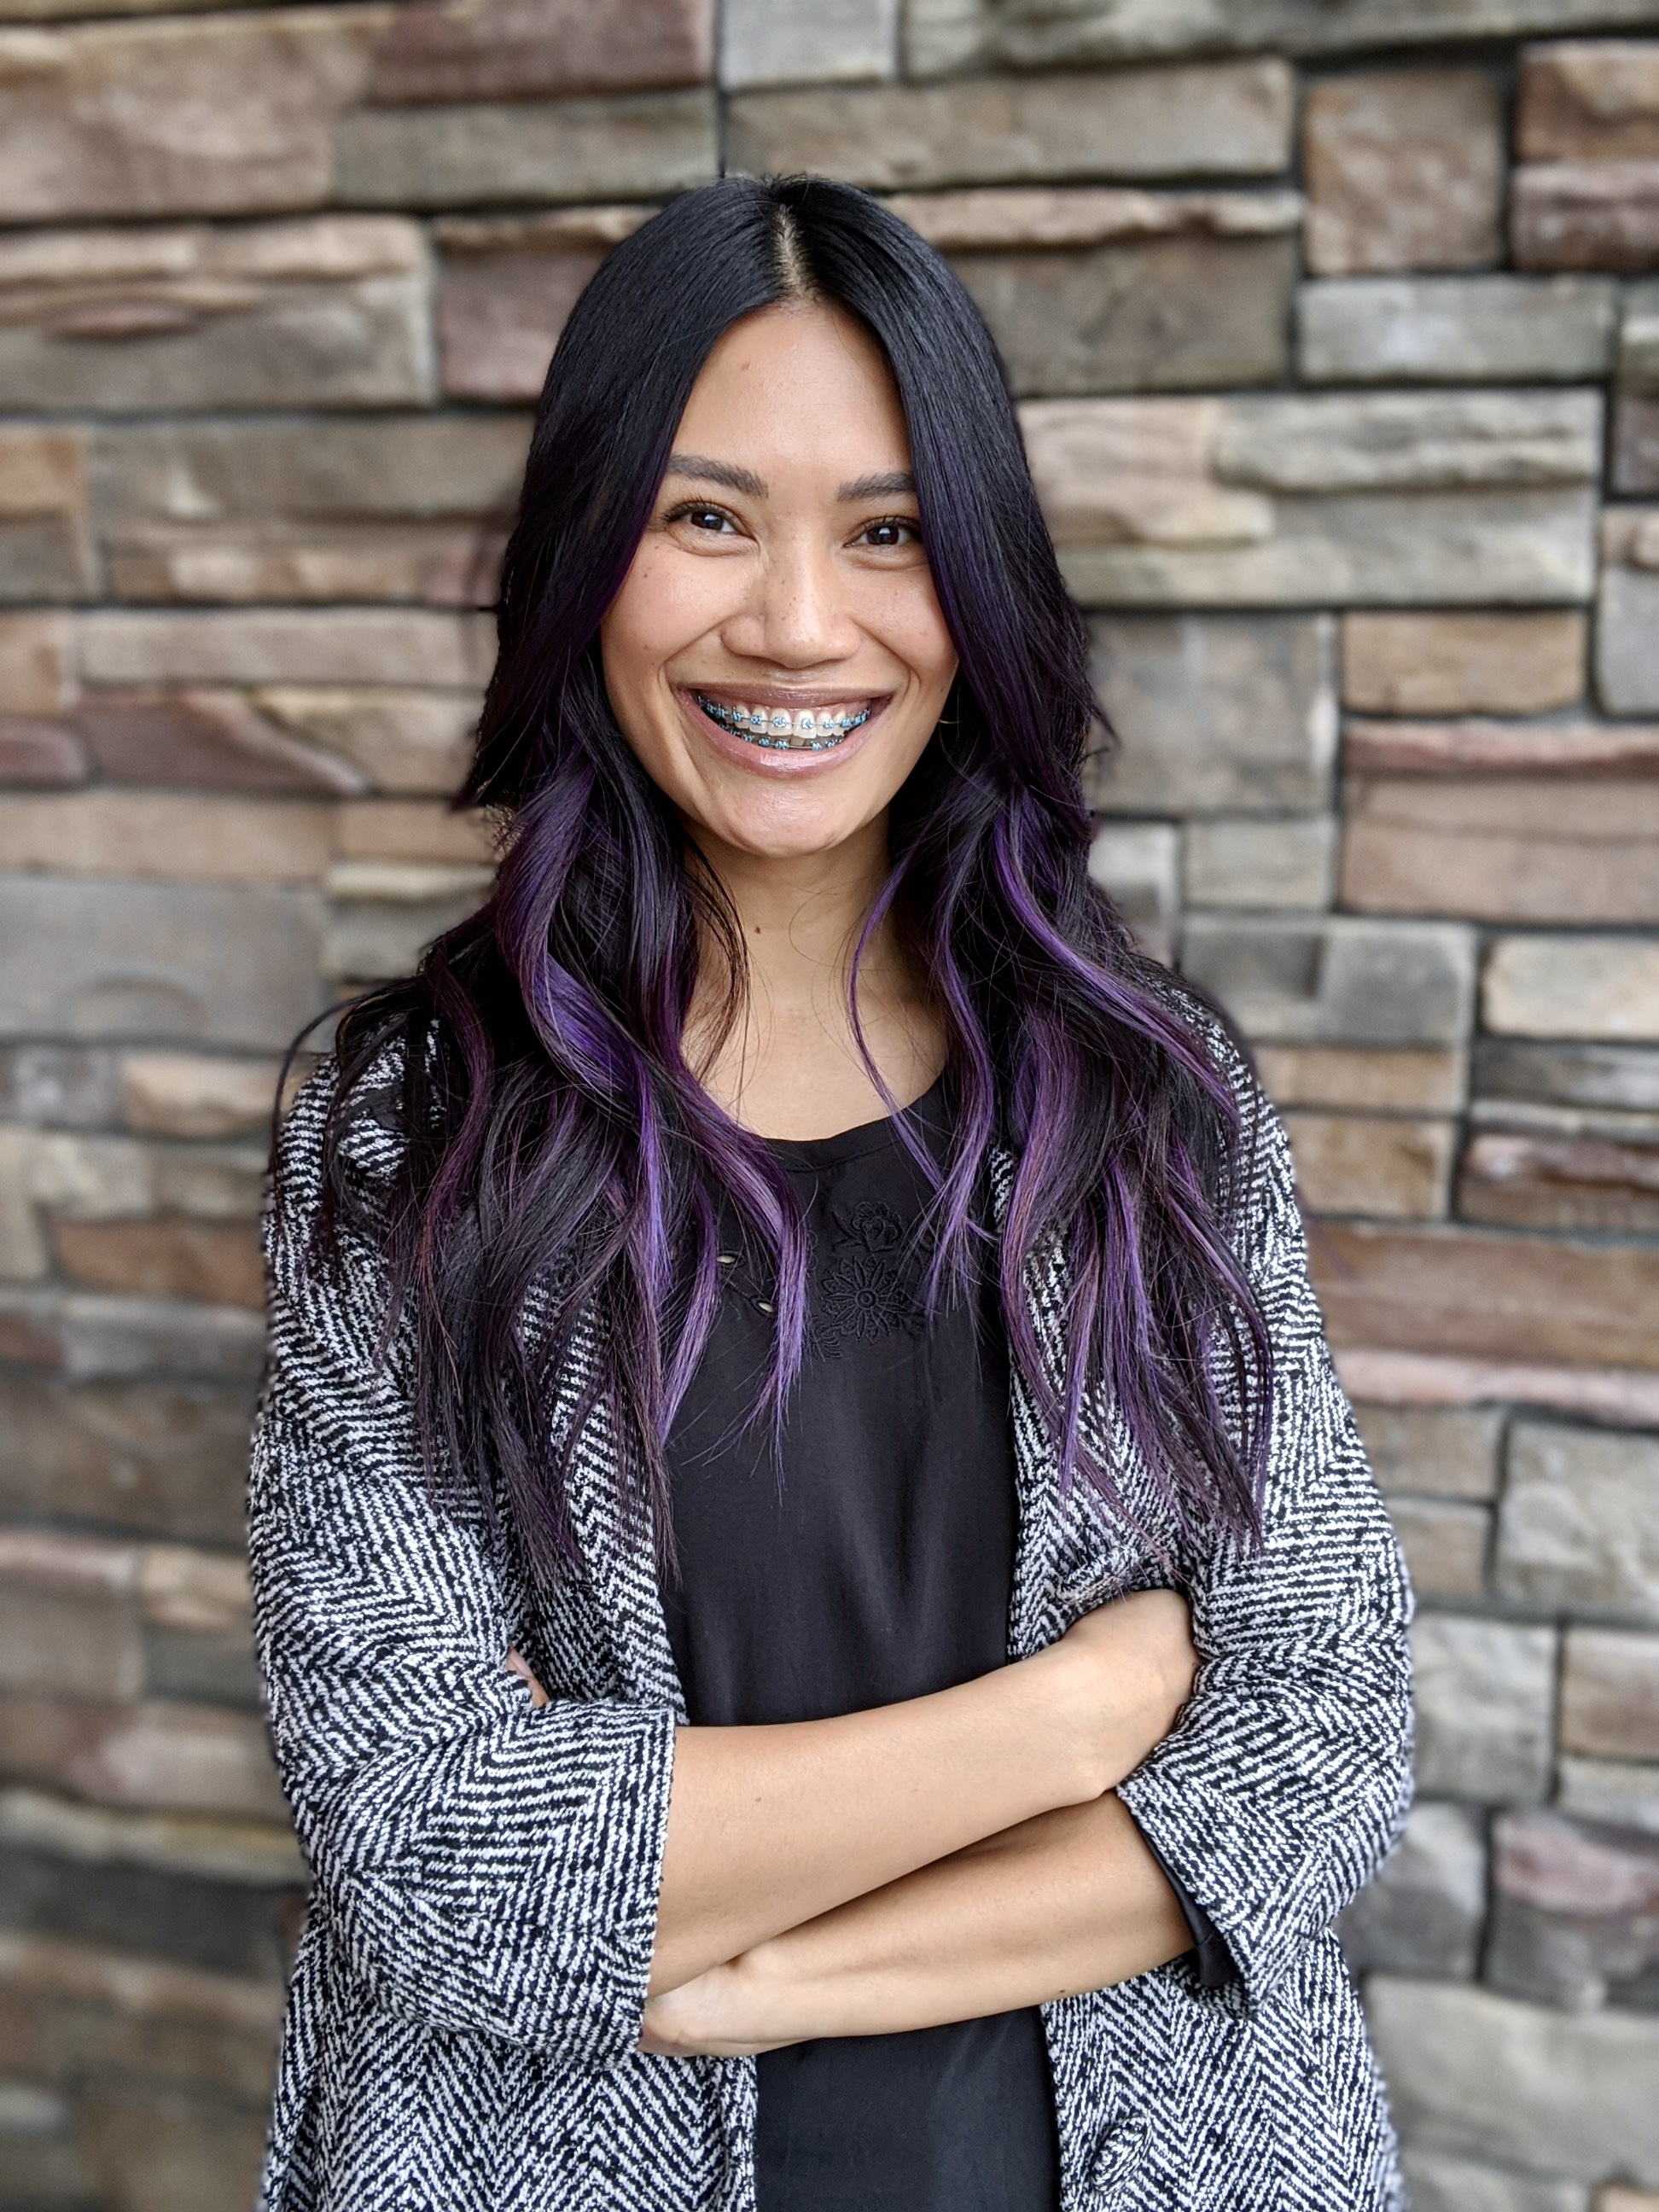 Trang undefined Nguyen